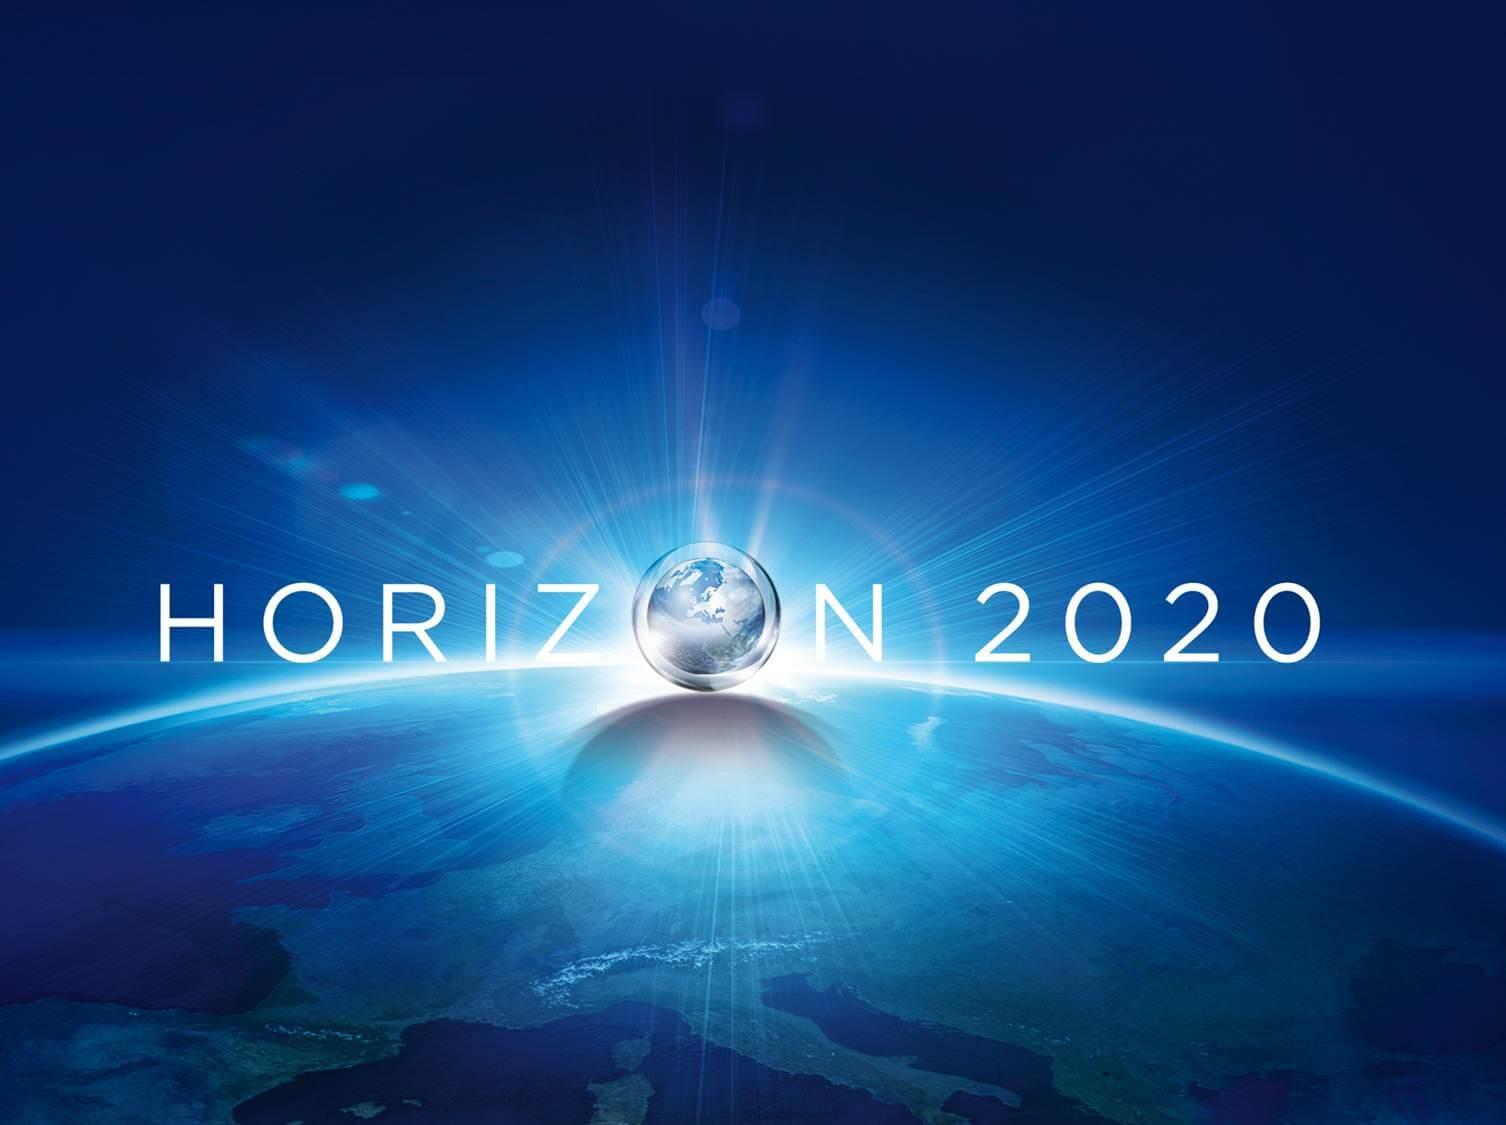 horizon-2020 (1)